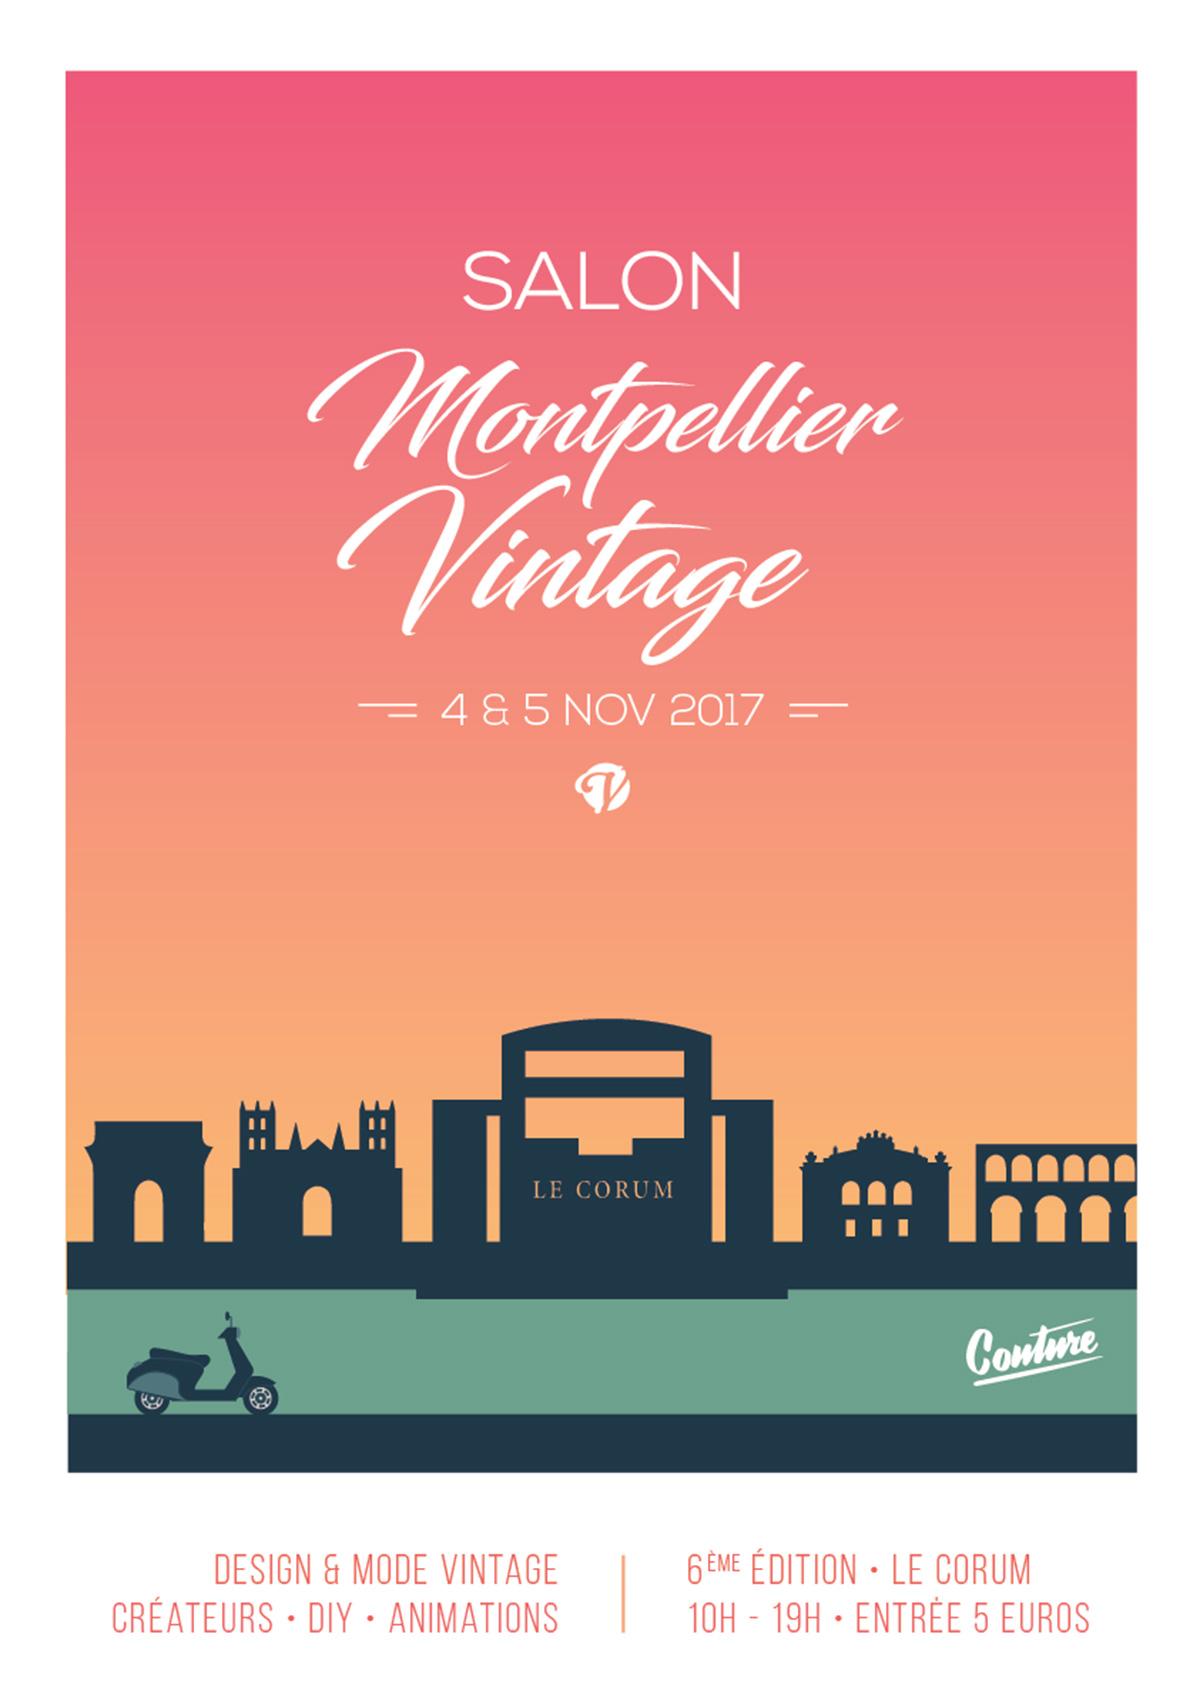 salon montpellier vintage 2017